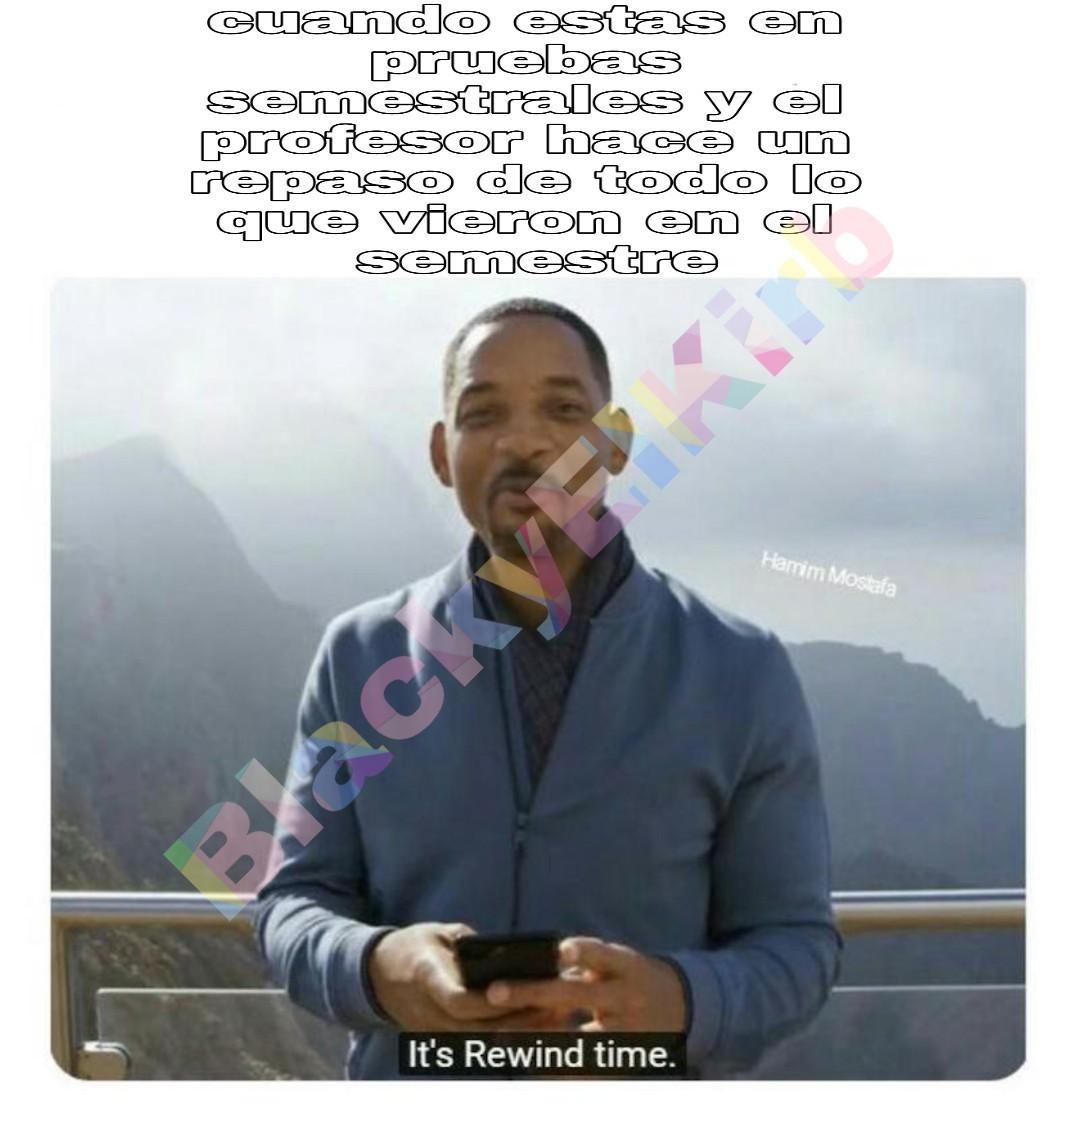 Si es REPOST NO LO acepten - meme